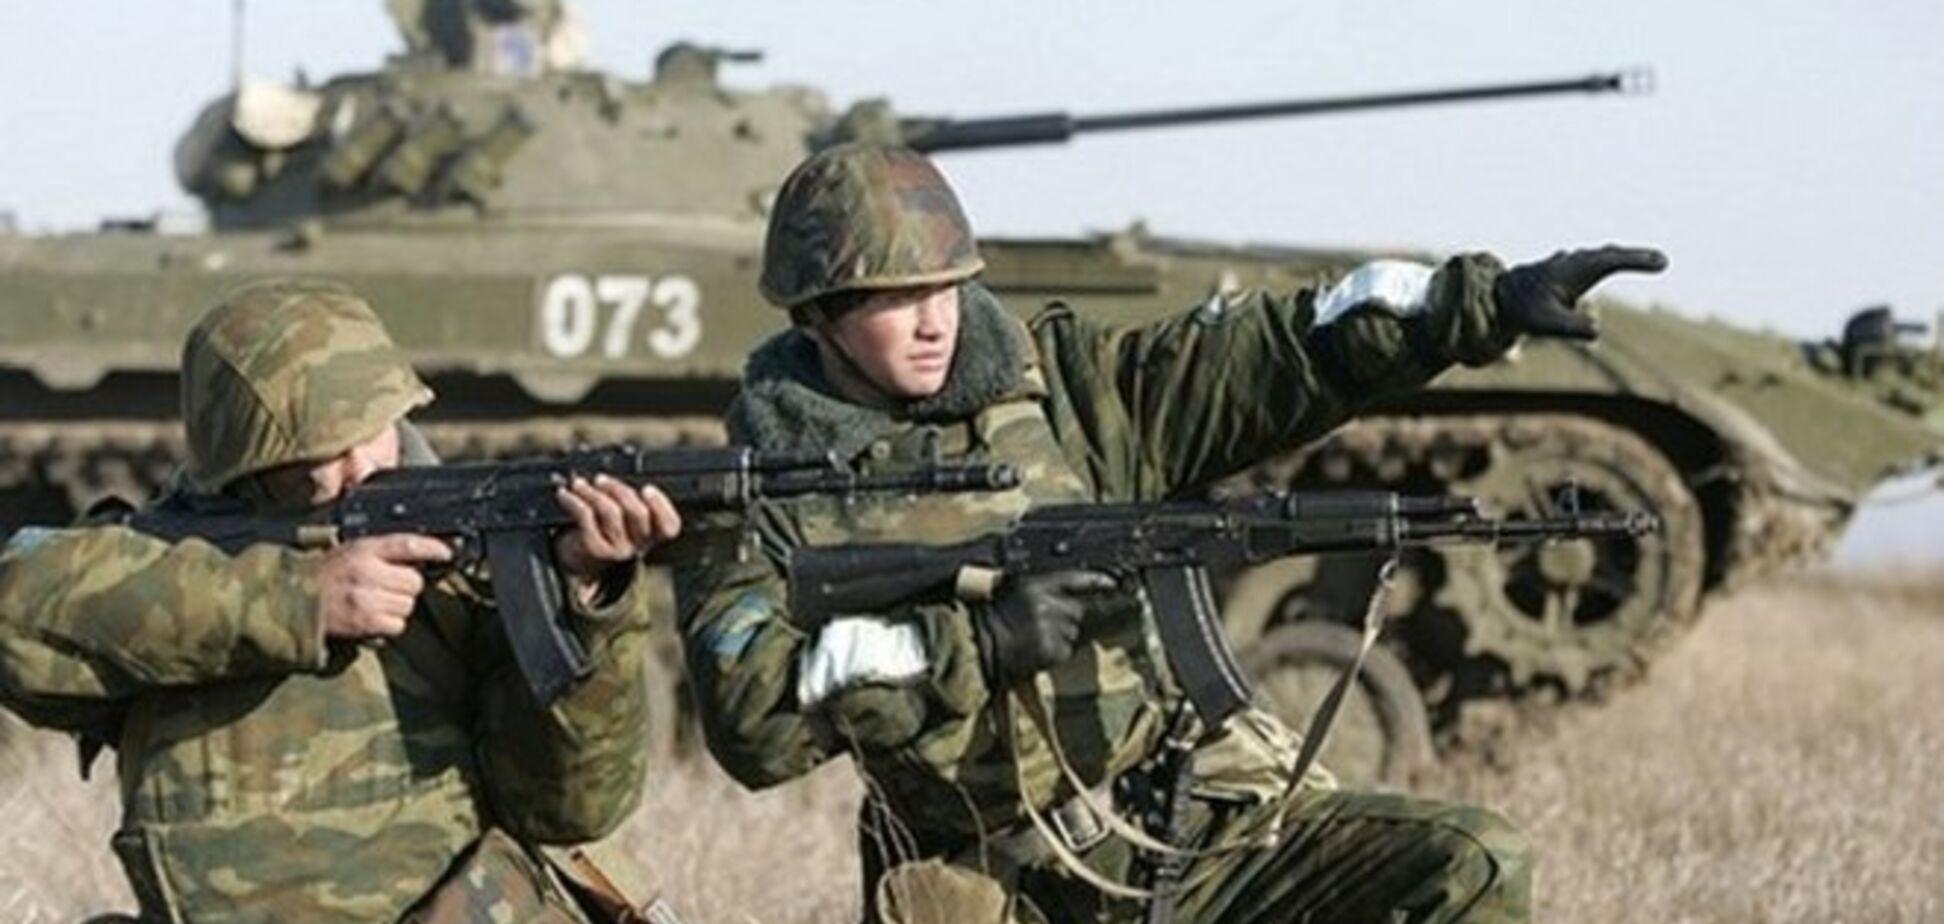 Тымчук: роста количества войск РФ у границы с Украиной не наблюдается